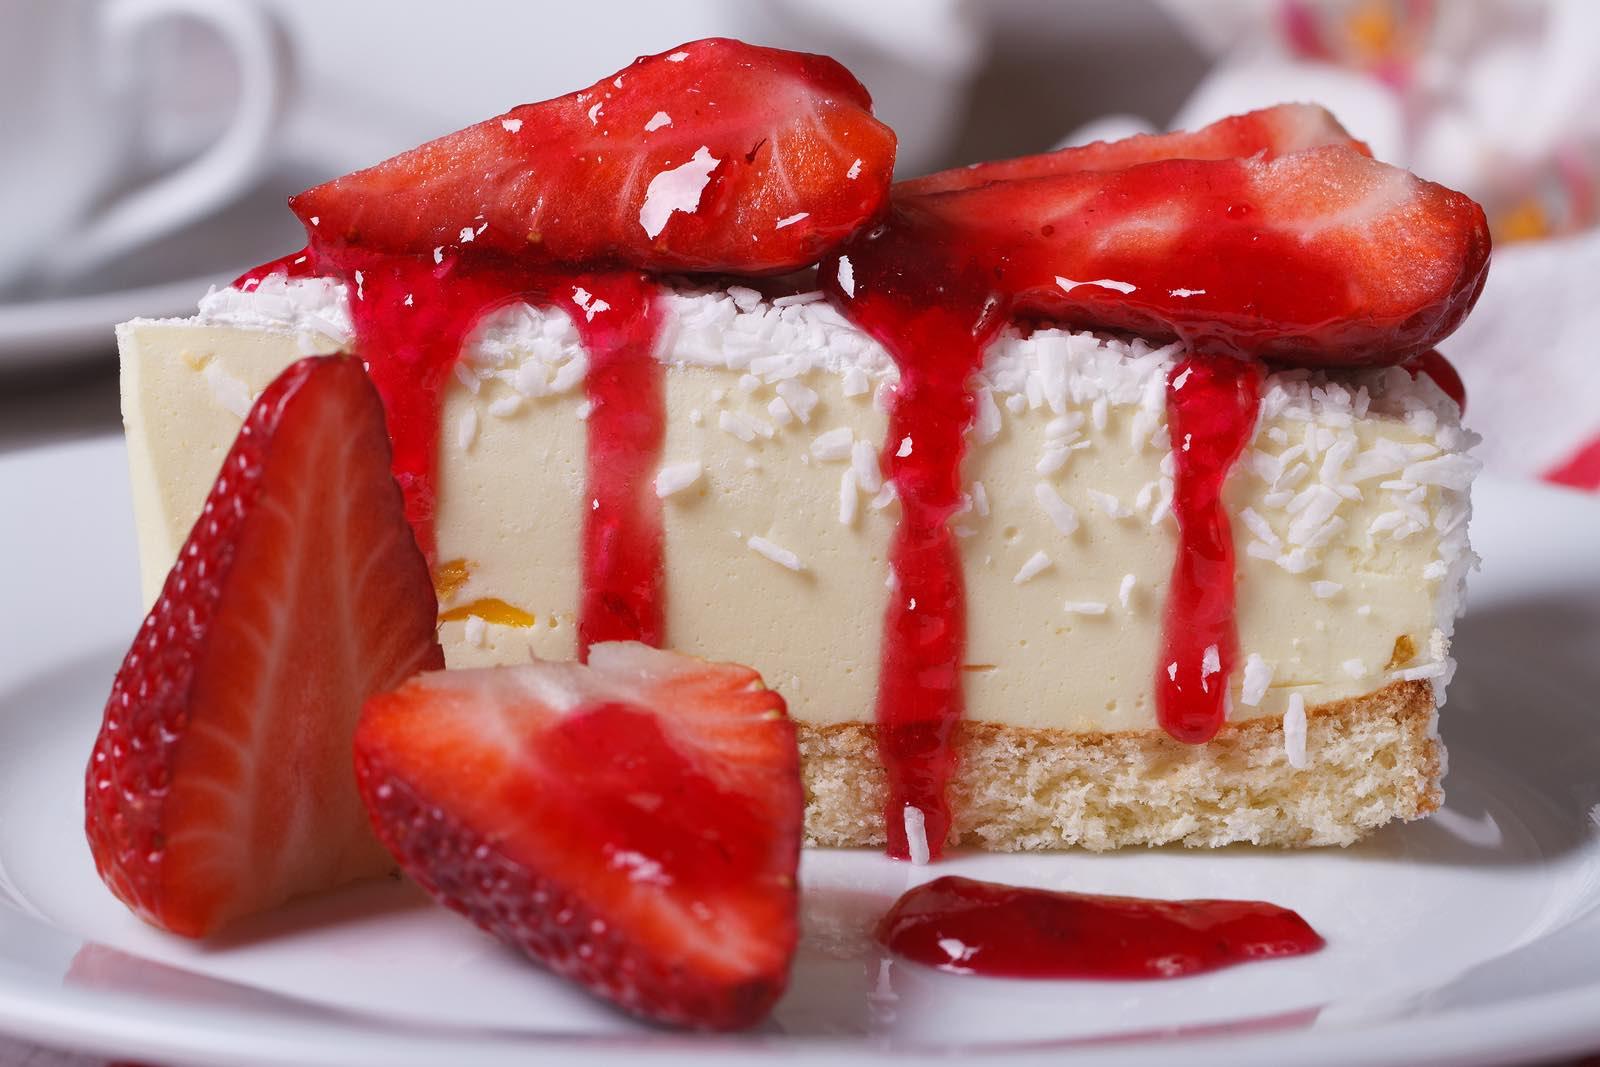 Dessert Cheesecake With Fresh Strawberries Closeup. Horizontal